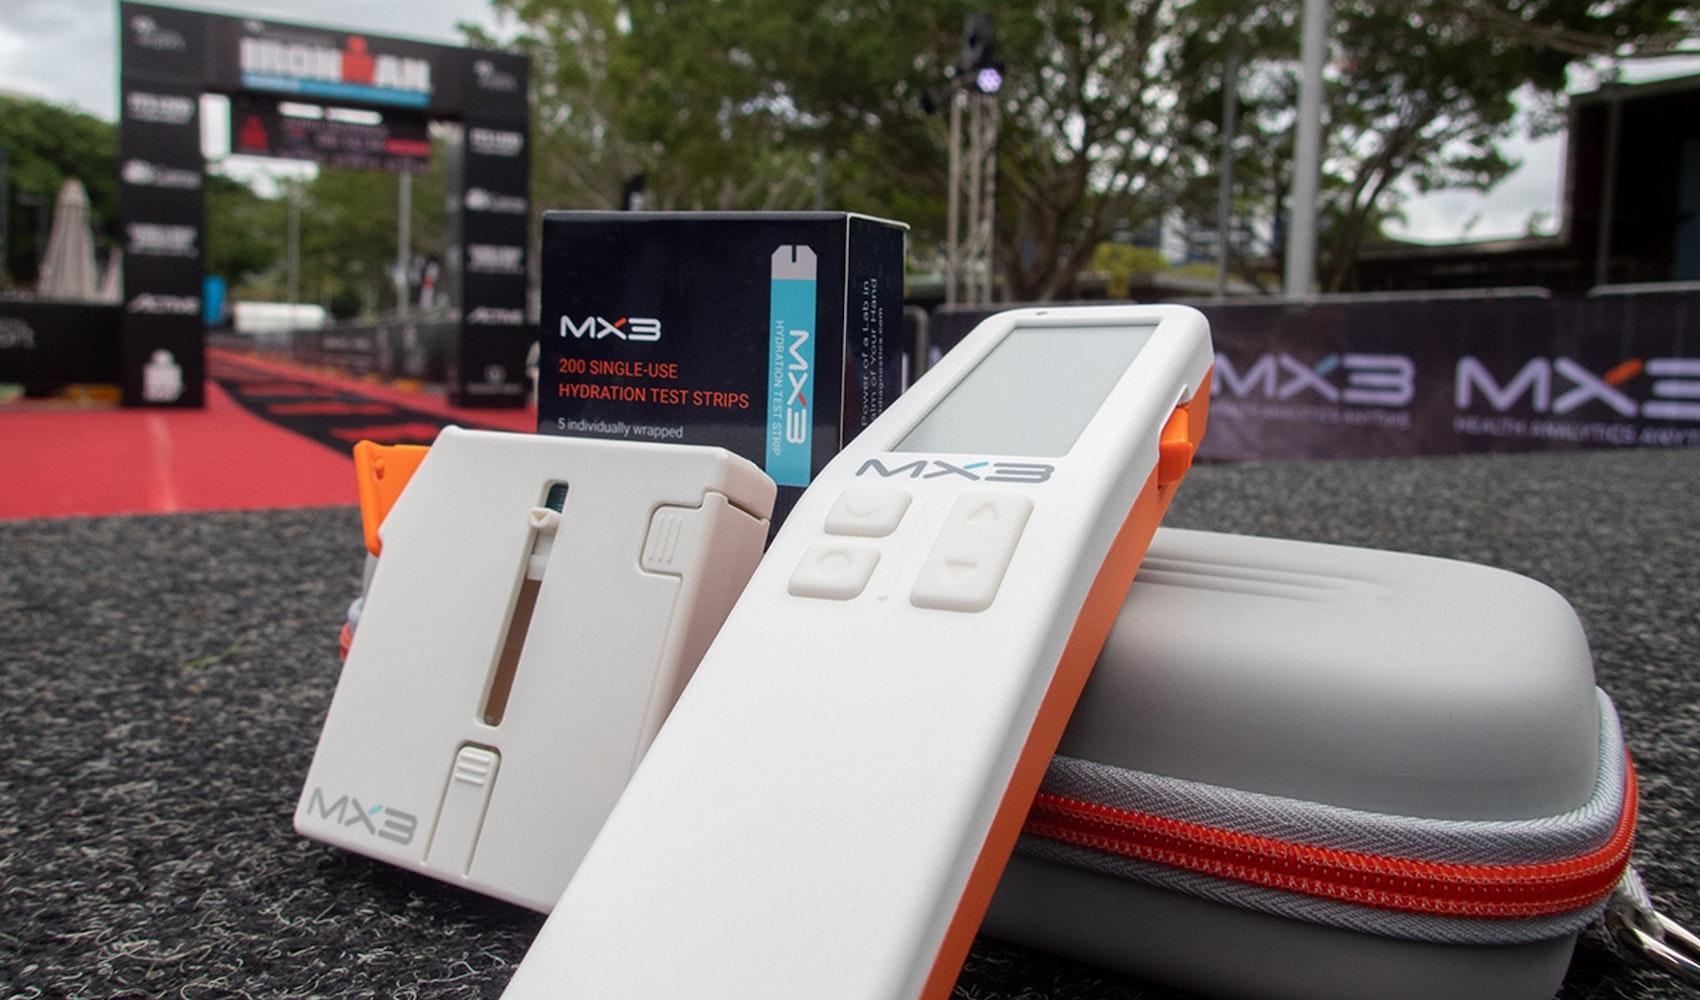 MX3 Hydration Testing System Pro Version